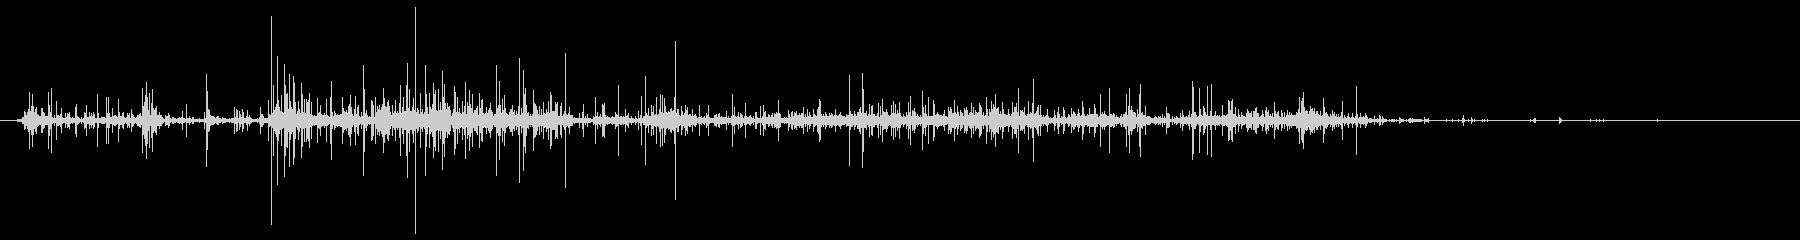 ポテトチップス袋の音の未再生の波形